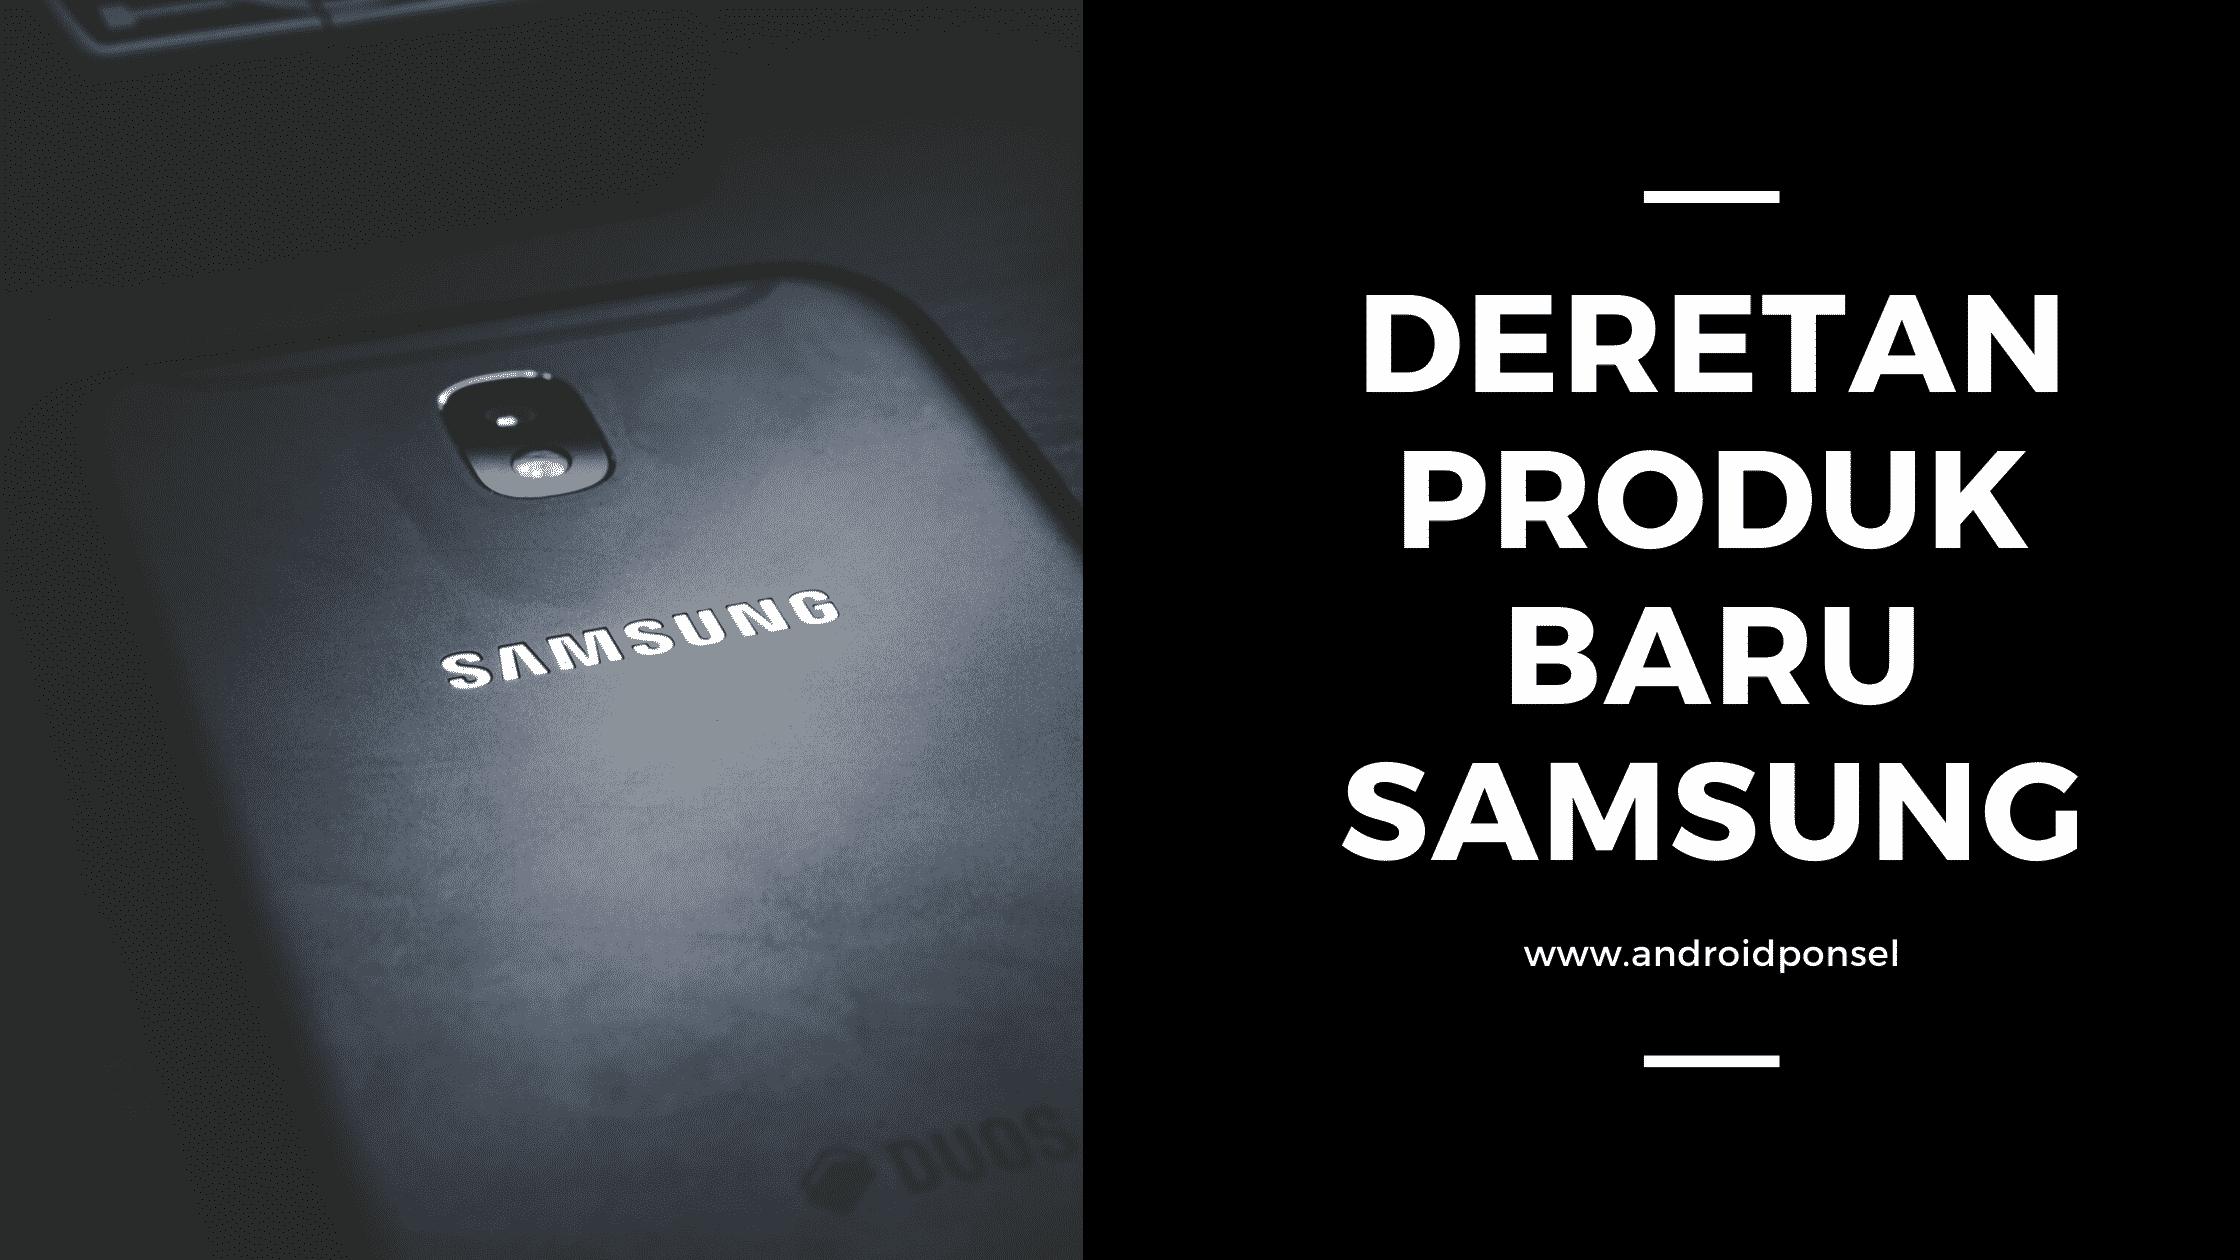 Produk Baru Samsung yang akan diluncurkan